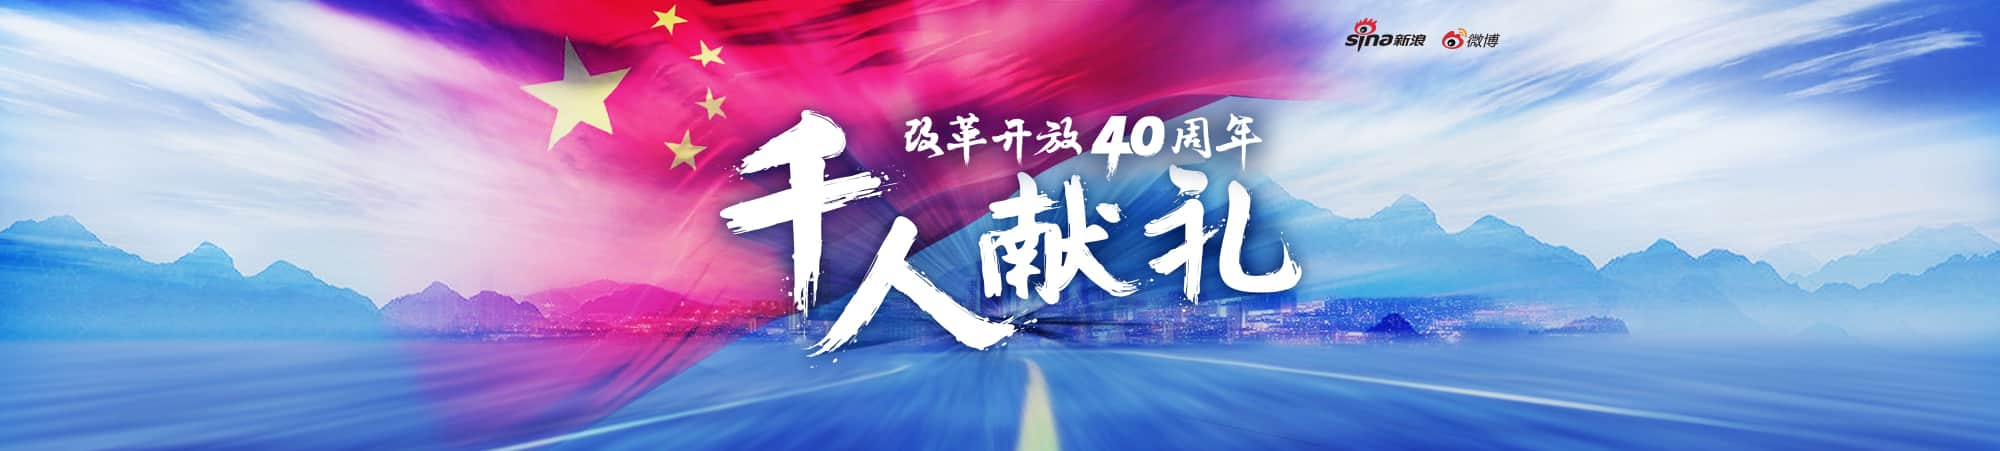 千人献礼改革开放40周年